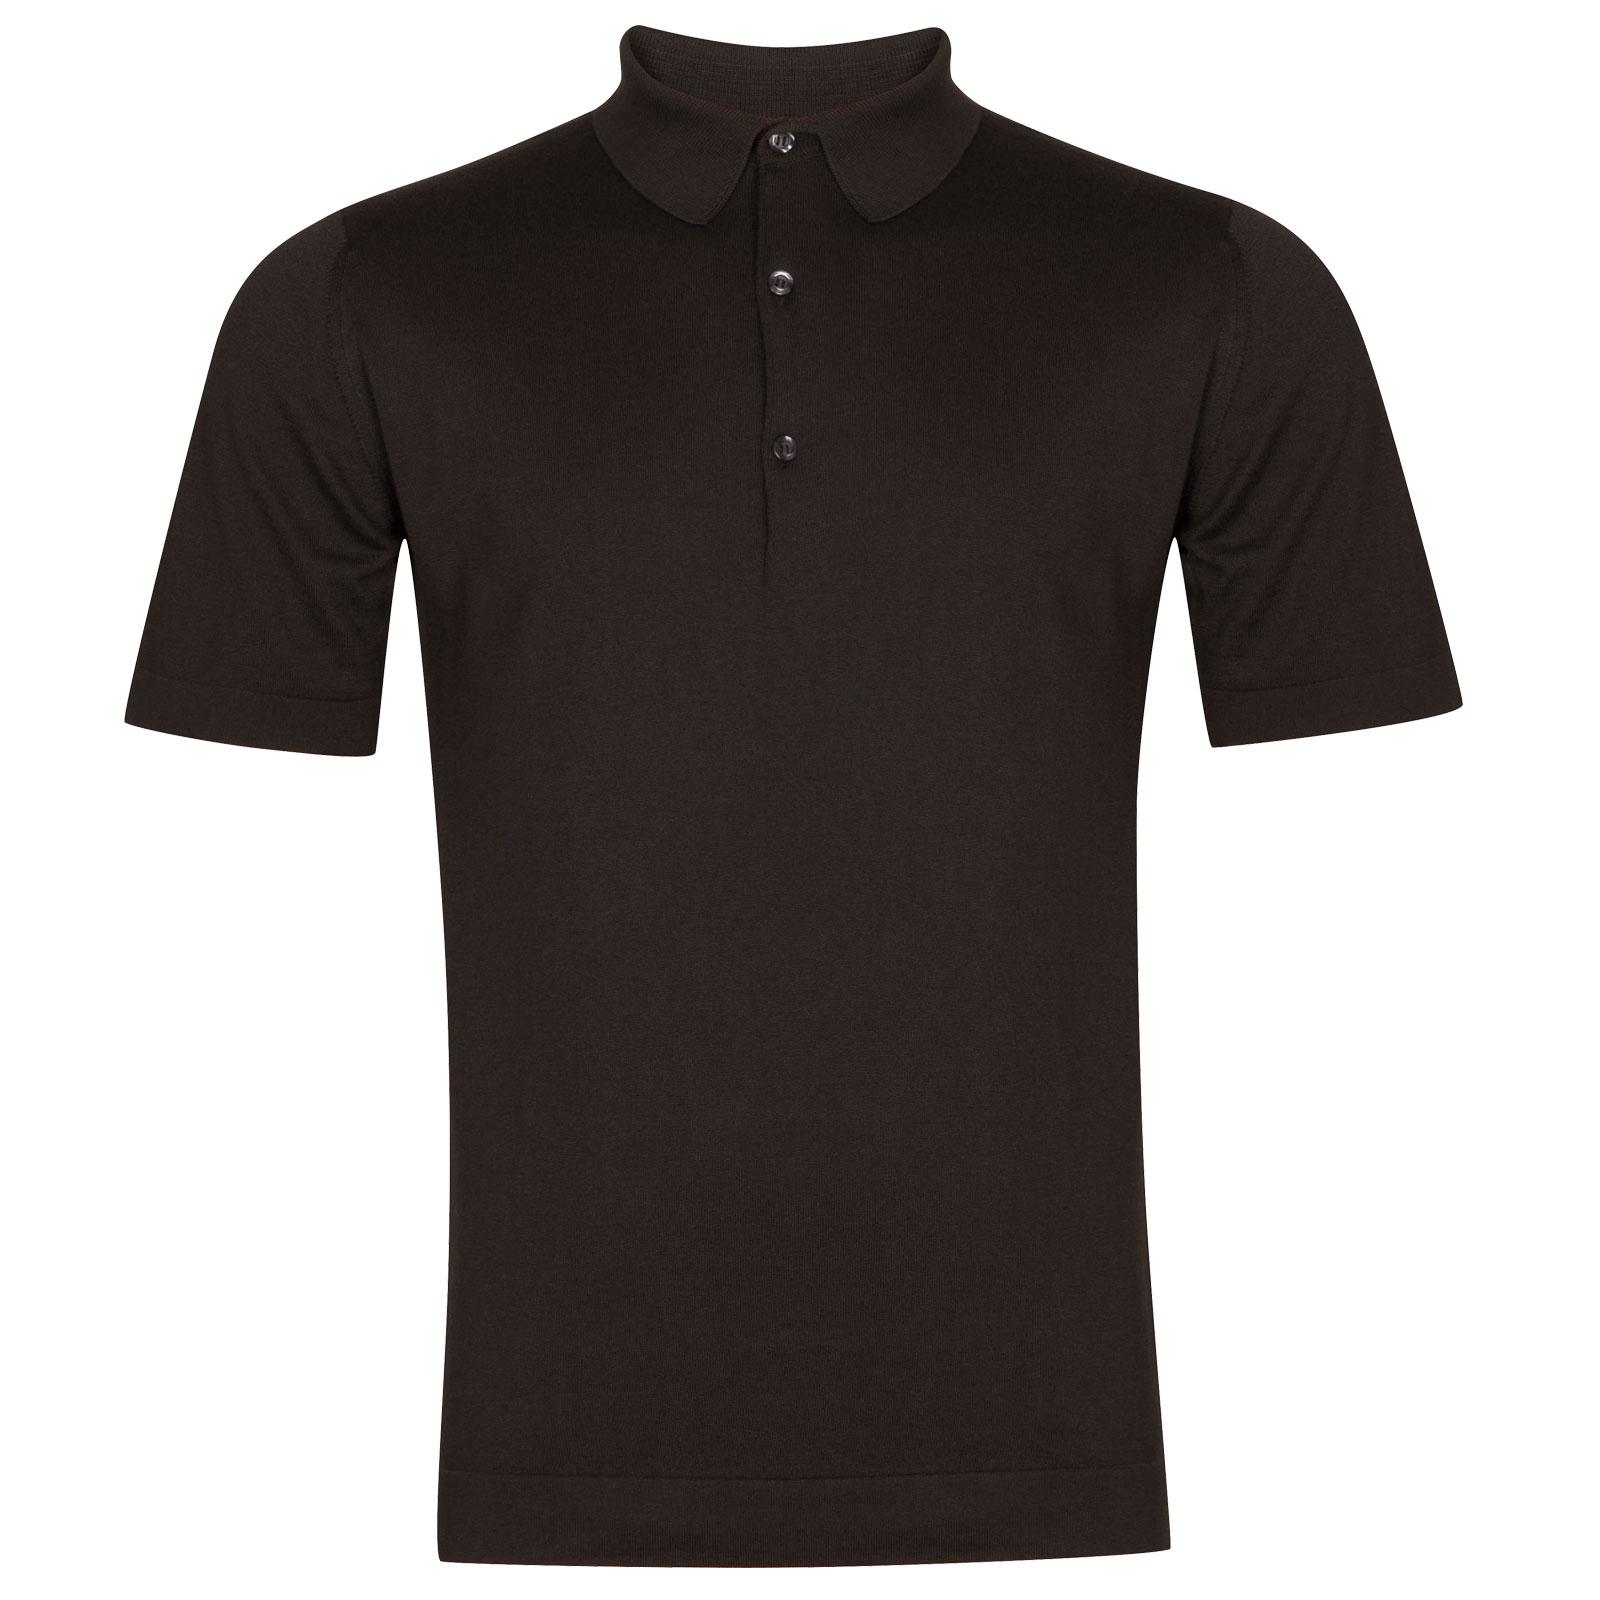 John Smedley Mycroft in Flannel Grey Shirt-XXL